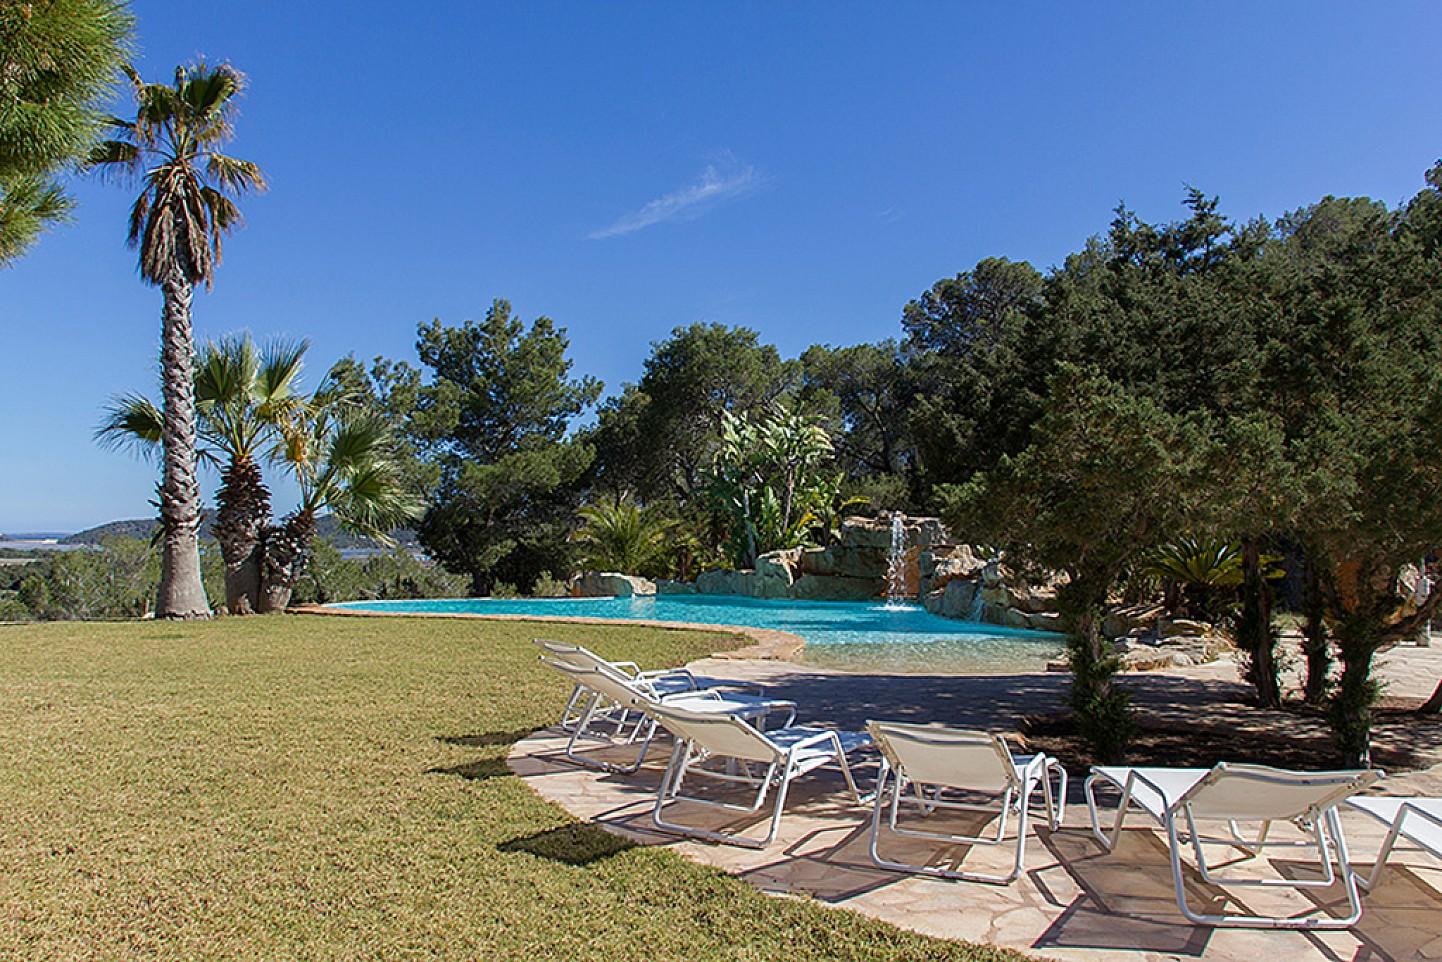 Magnífiques vistes del jardí amb la gran piscina